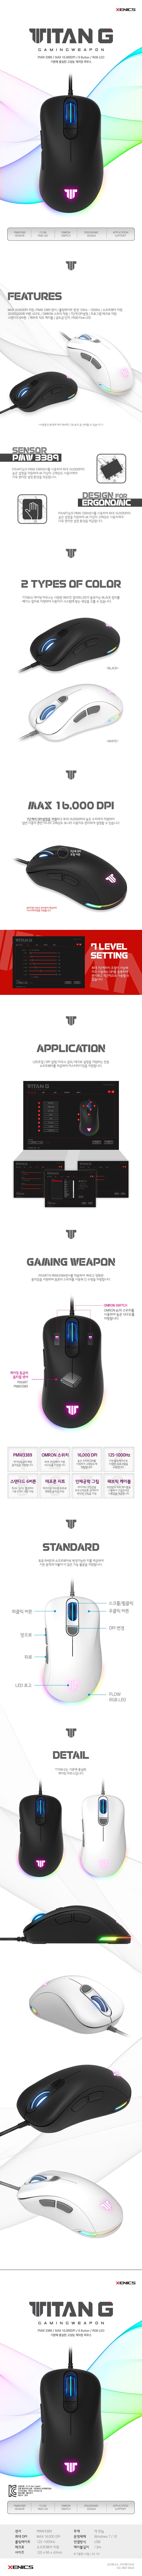 제닉스  TITAN G 게이밍 마우스(화이트)